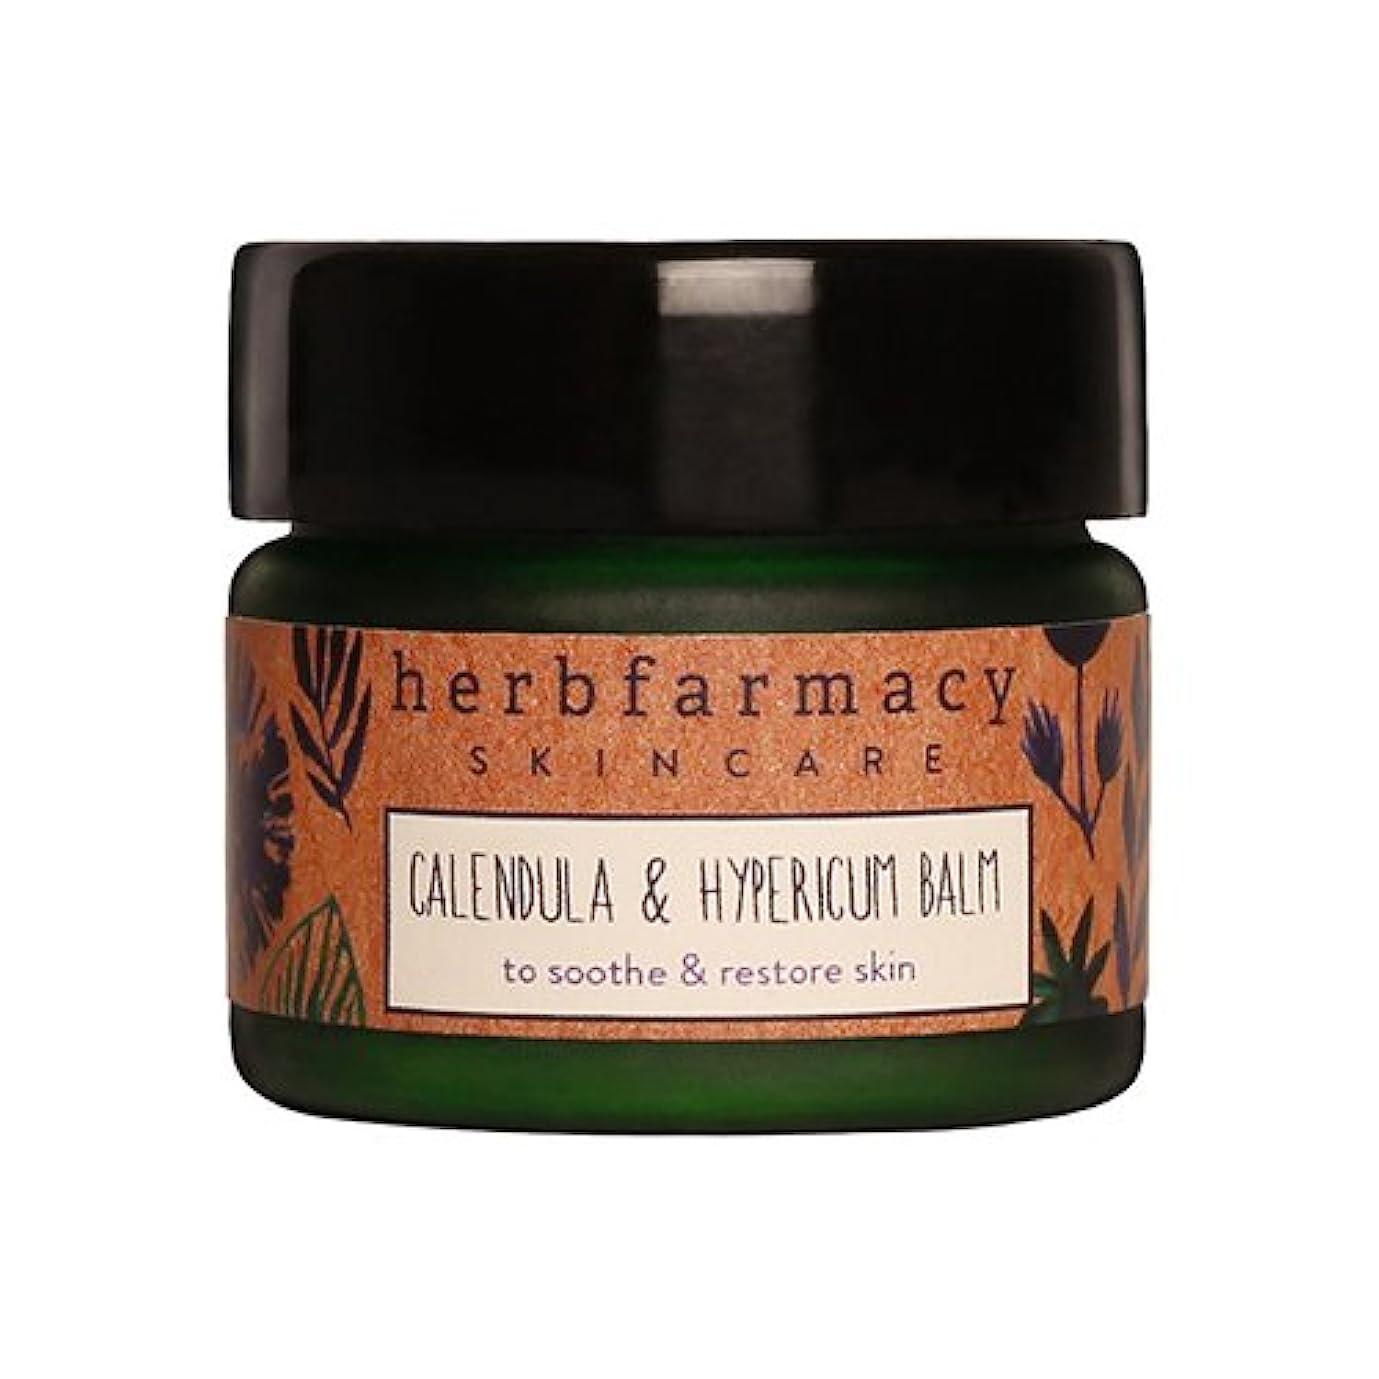 差し控えるスパークスワップハーブファーマシー (herbfarmacy) カーミング バーム 〈フェイスバーム〉 (20mL)